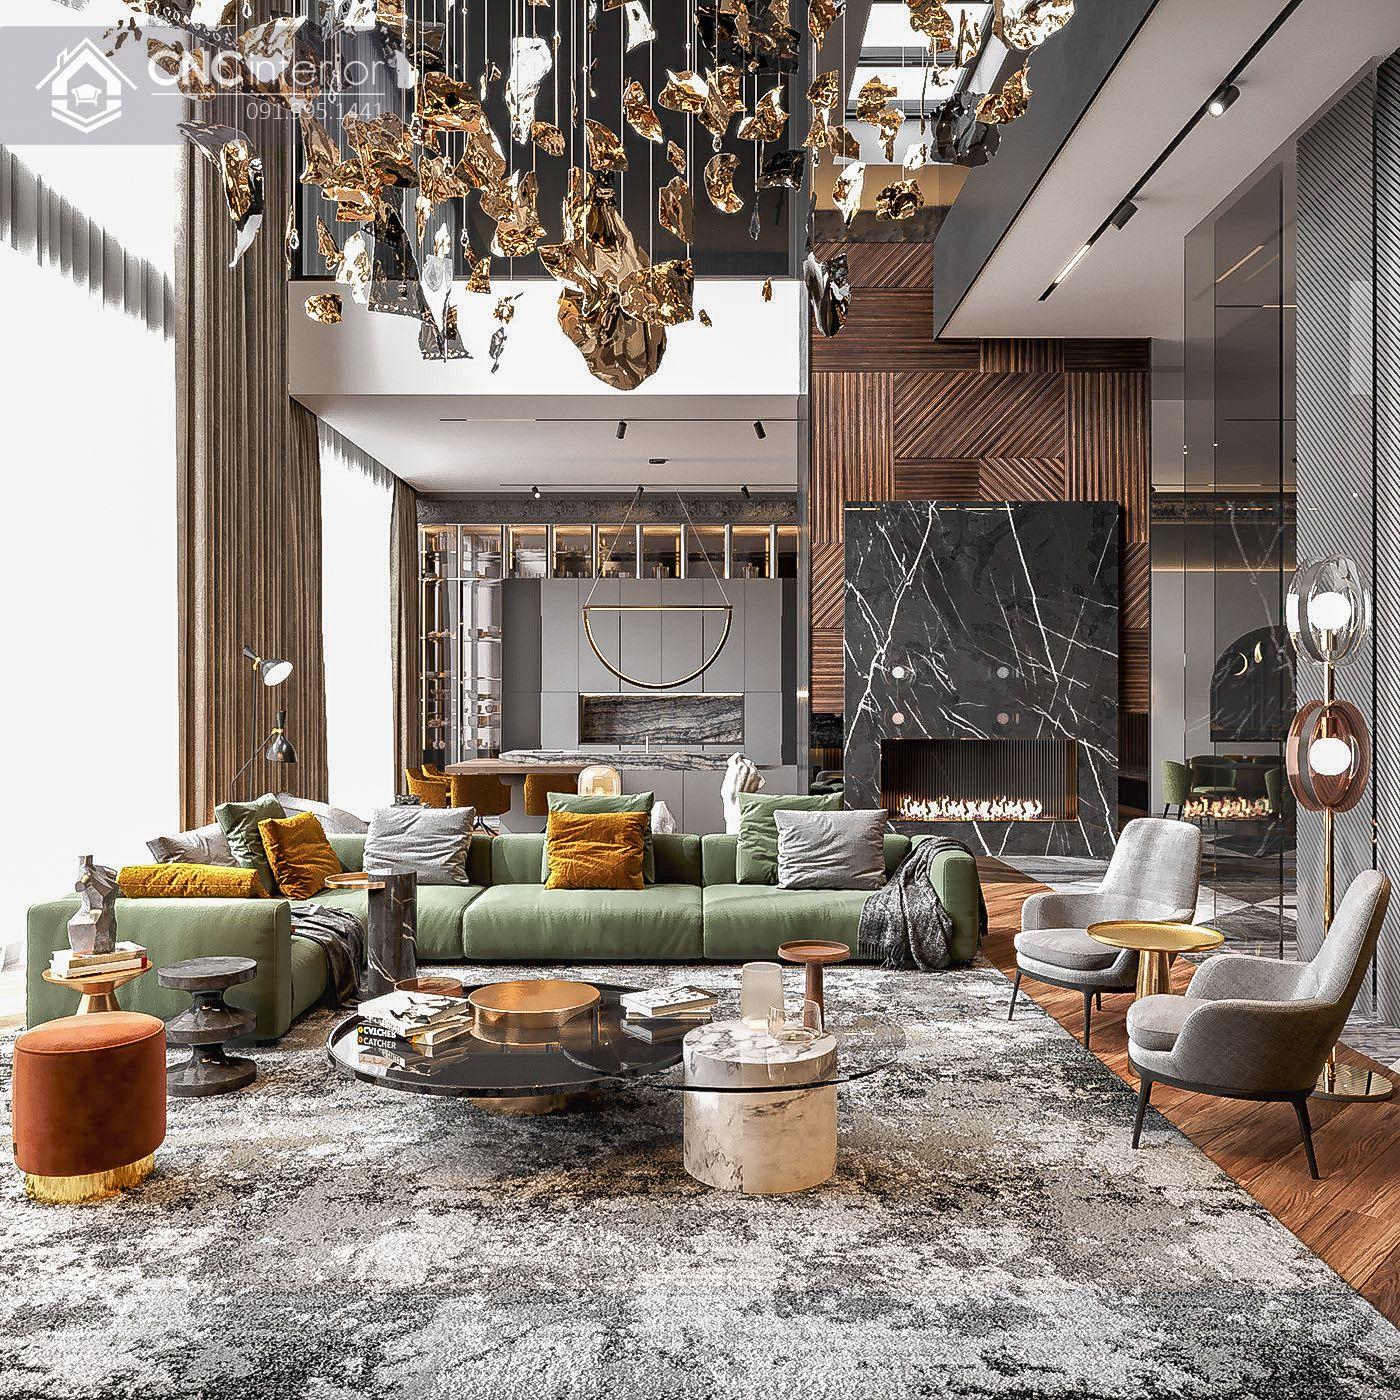 mẫu thiết kế nội thất phòng khách đẹp 7